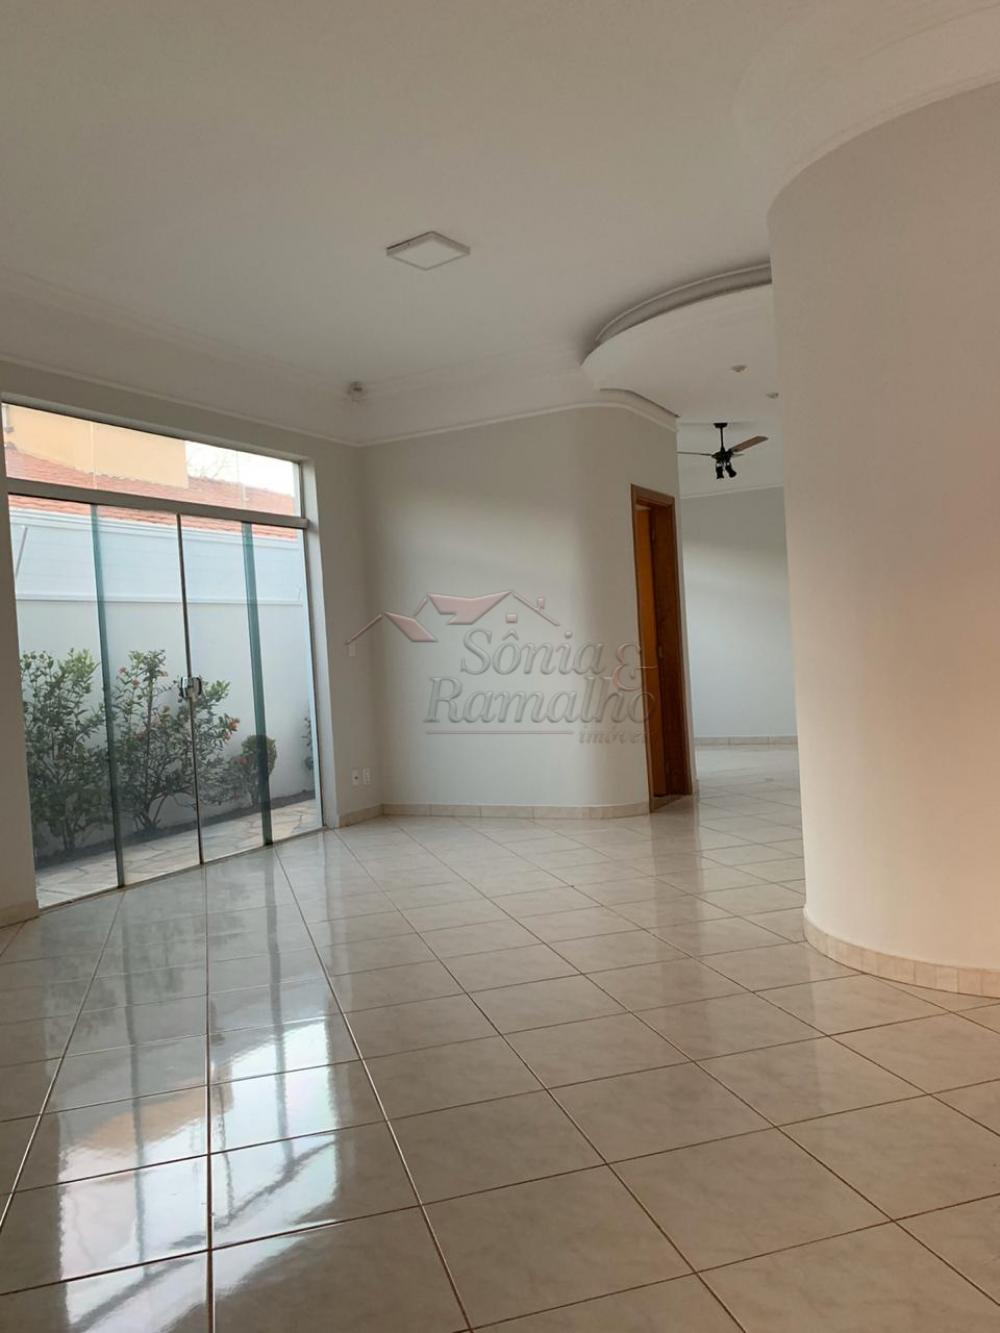 Alugar Casas / Padrão em Ribeirão Preto apenas R$ 3.600,00 - Foto 25